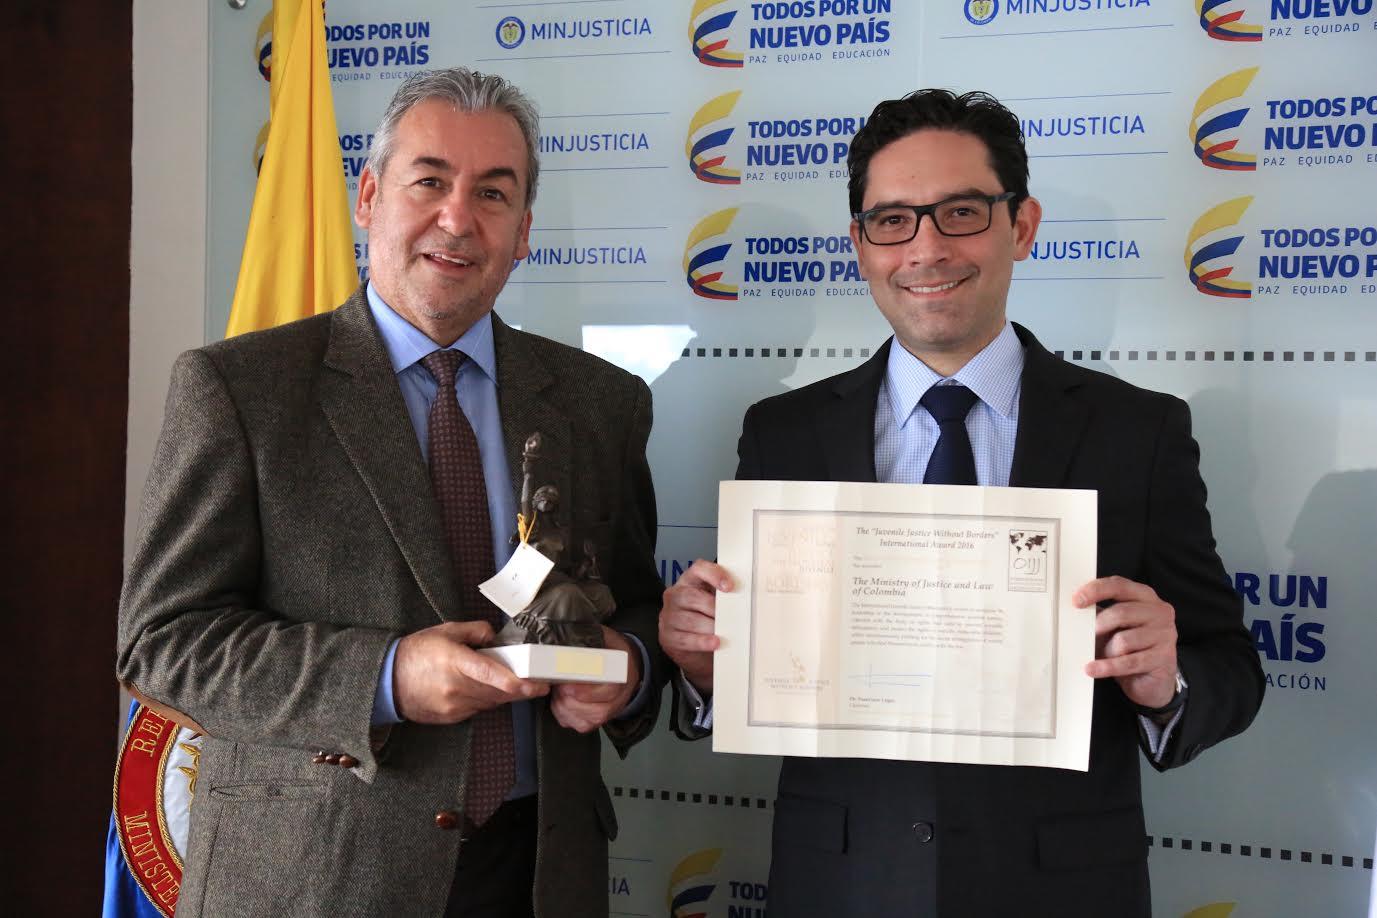 ministerio-de-justicia-y-del-derecho-de-colombia-galardonado-en-la-iv-edicion-del-premio-internacional-justicia-juvenil-sin-fronteras